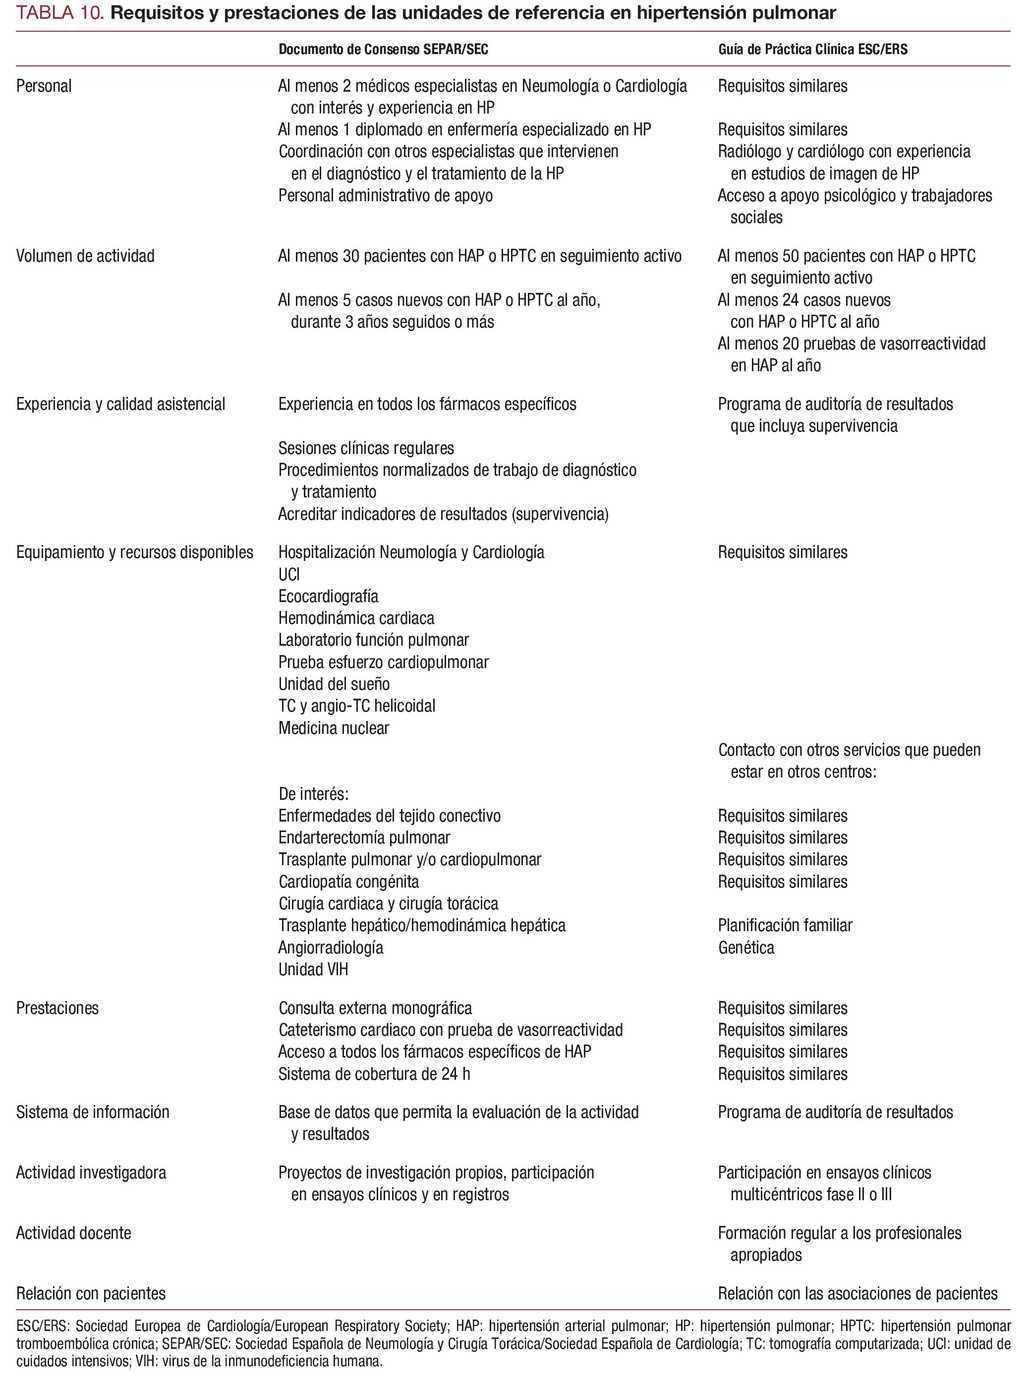 Criterios de eco de hipertensión pulmonar